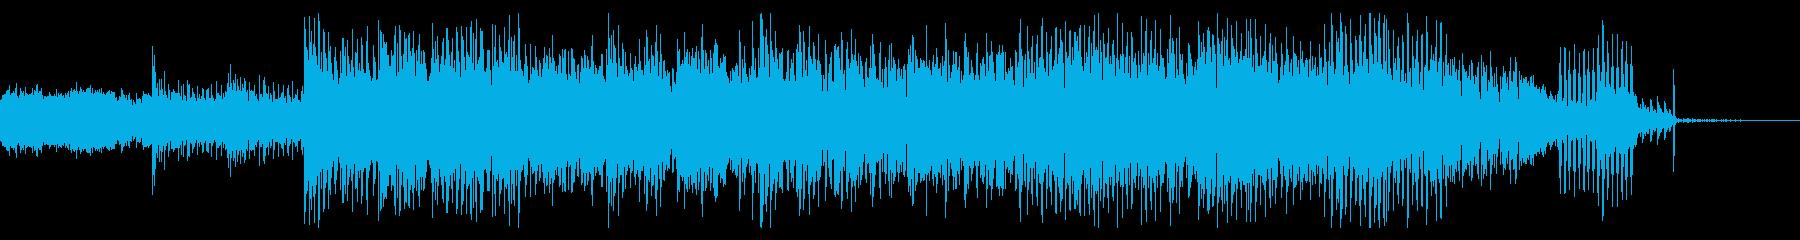 不思議でノイジーなテクニカルなビートの再生済みの波形